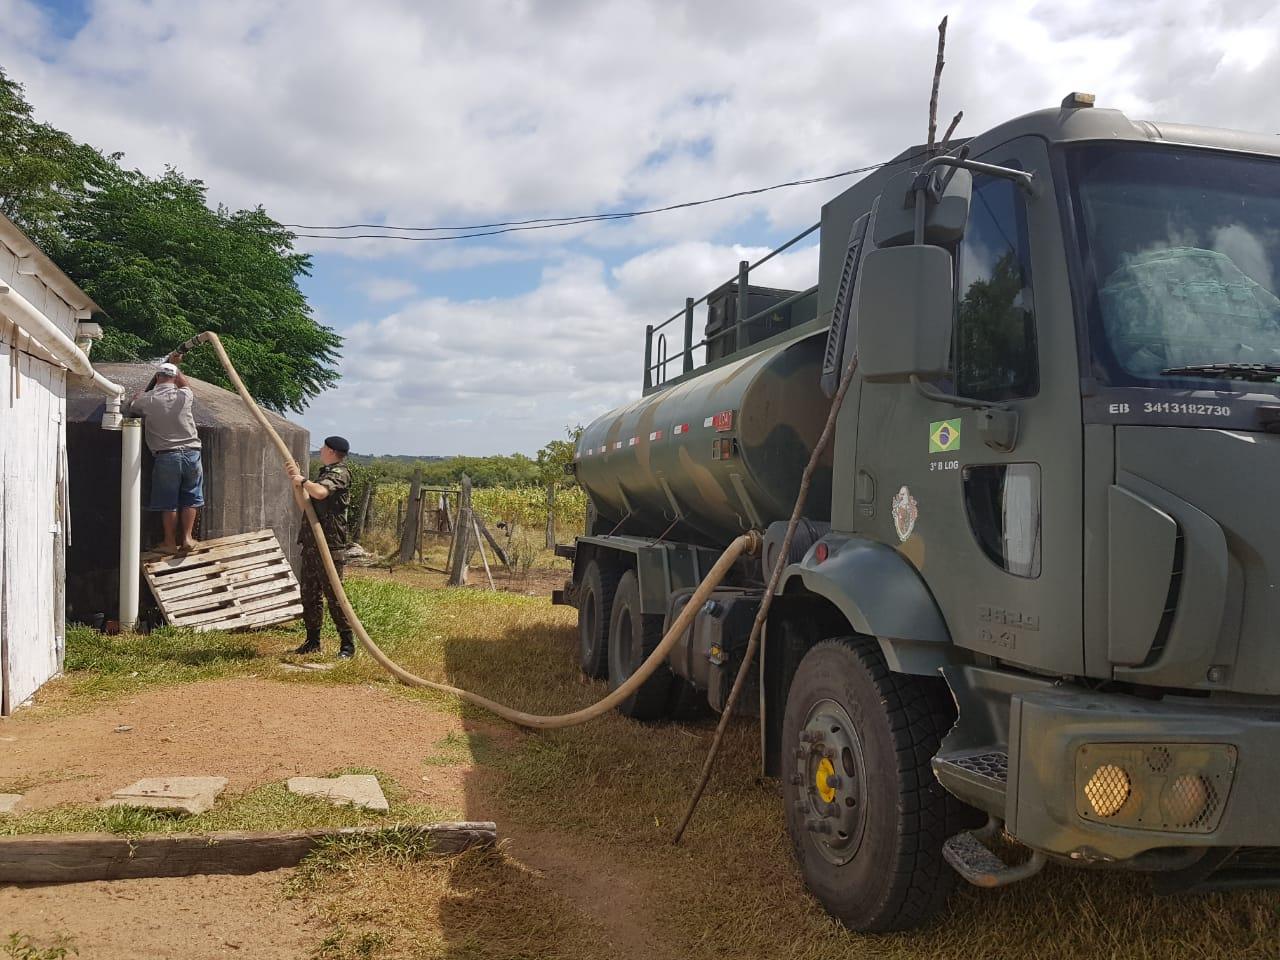 Fornecimento de quase 800 mil litros de água para aproximadamente 2,6 mil pessoas na região de Bagé (RS)